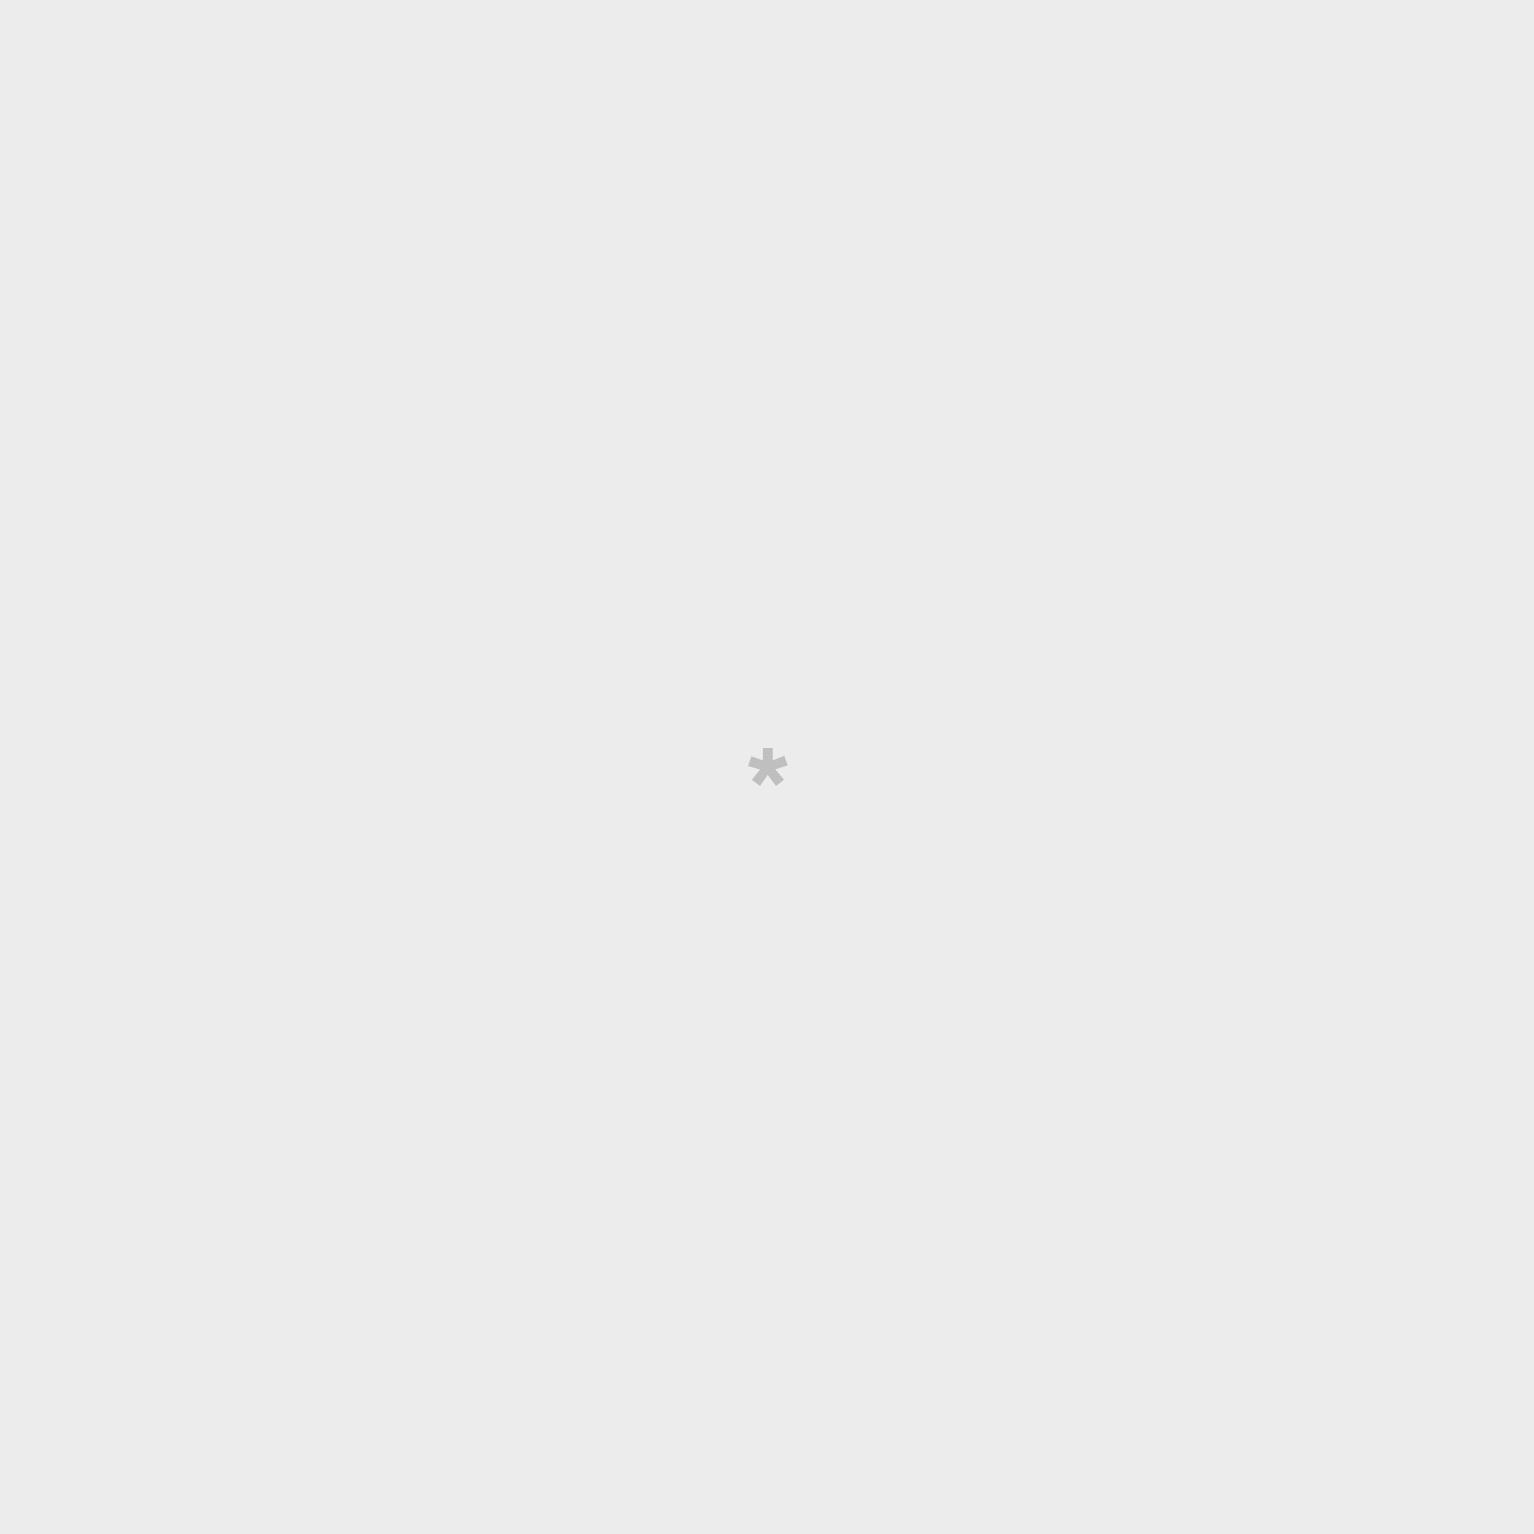 Livro com histórias tuas e minhas (e de mais... ninguém)